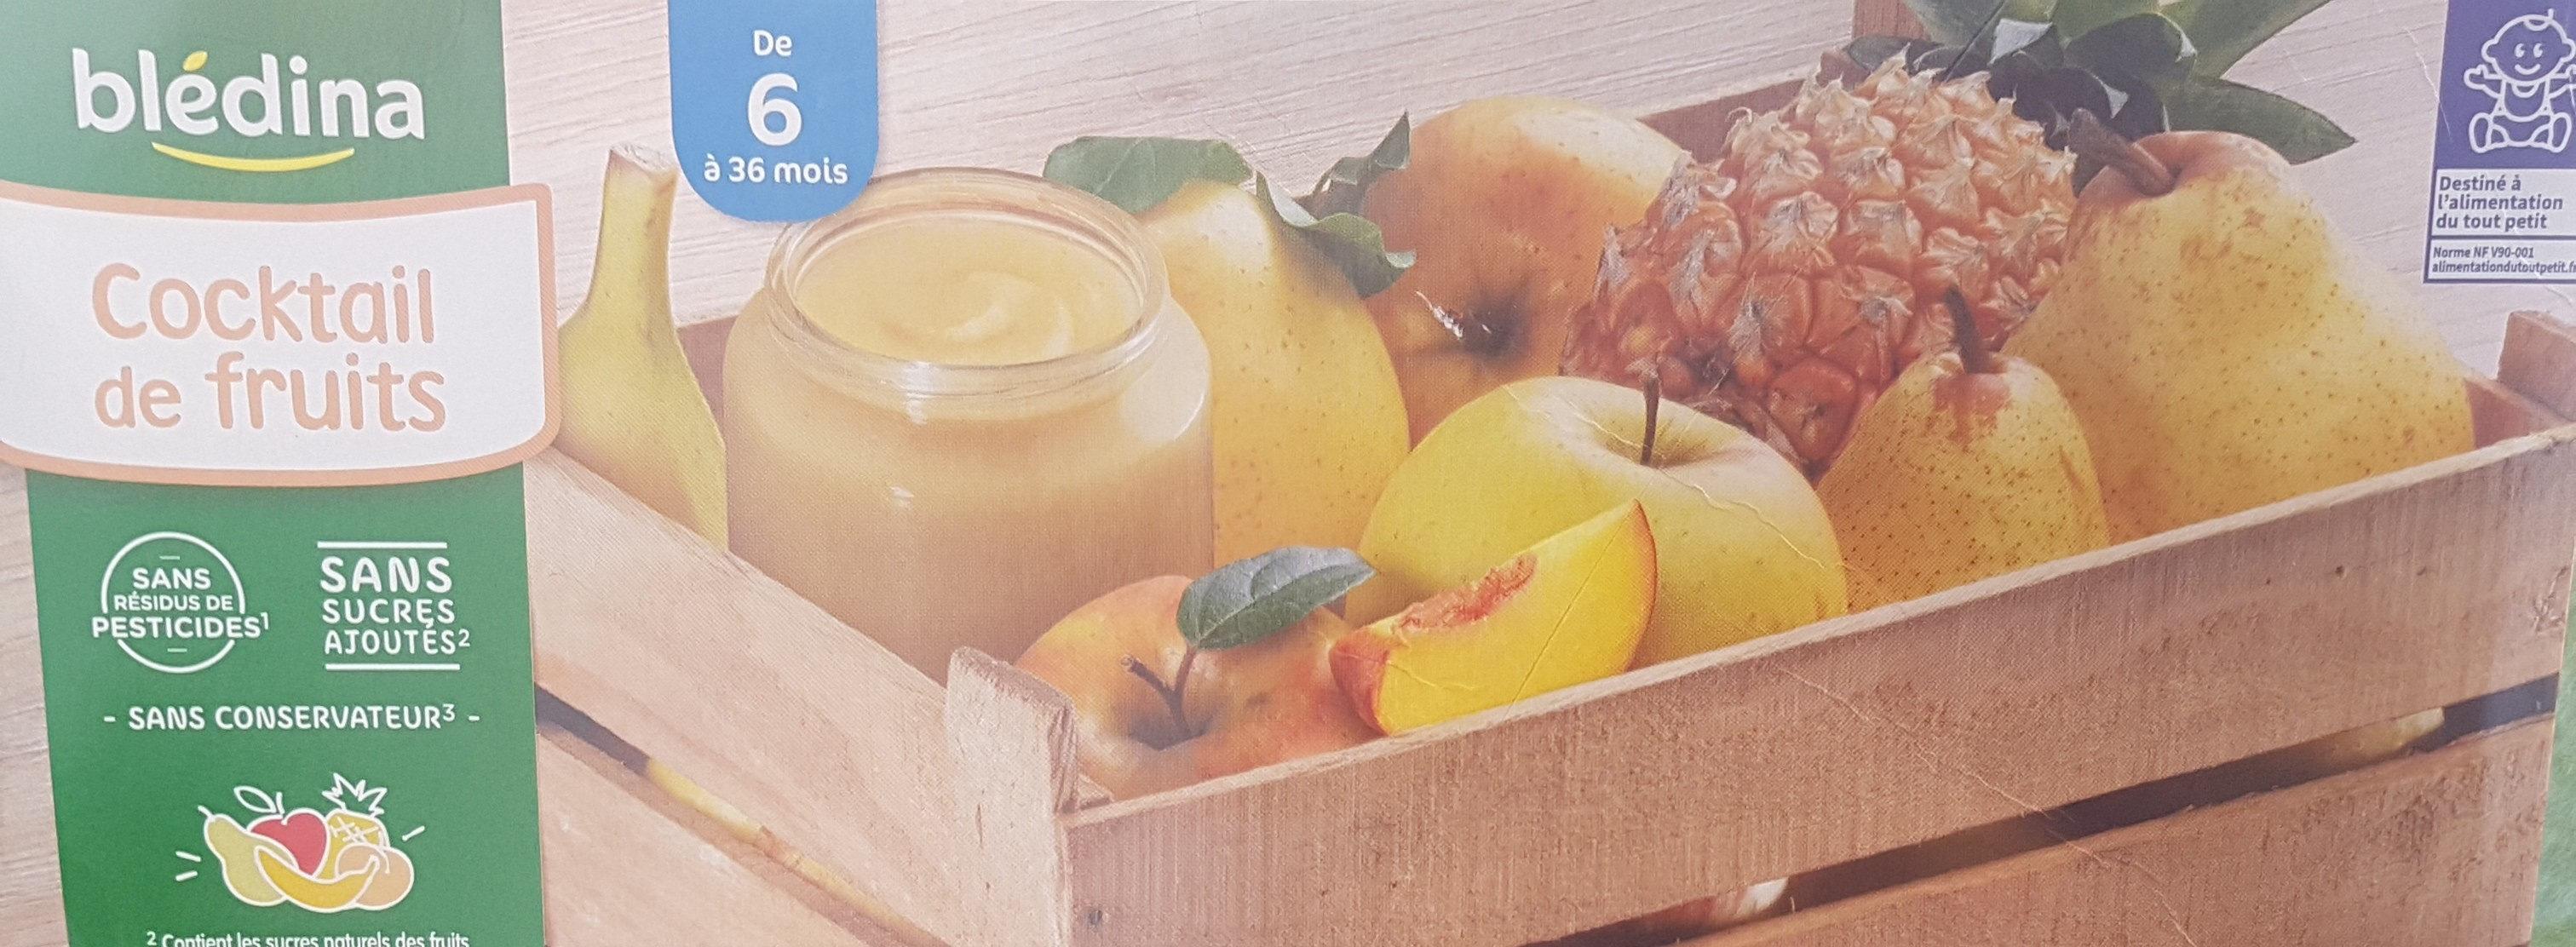 BLEDINA POTS FRUITS Cocktail de Fruits 8x130g Dès 6 Mois - Producto - fr